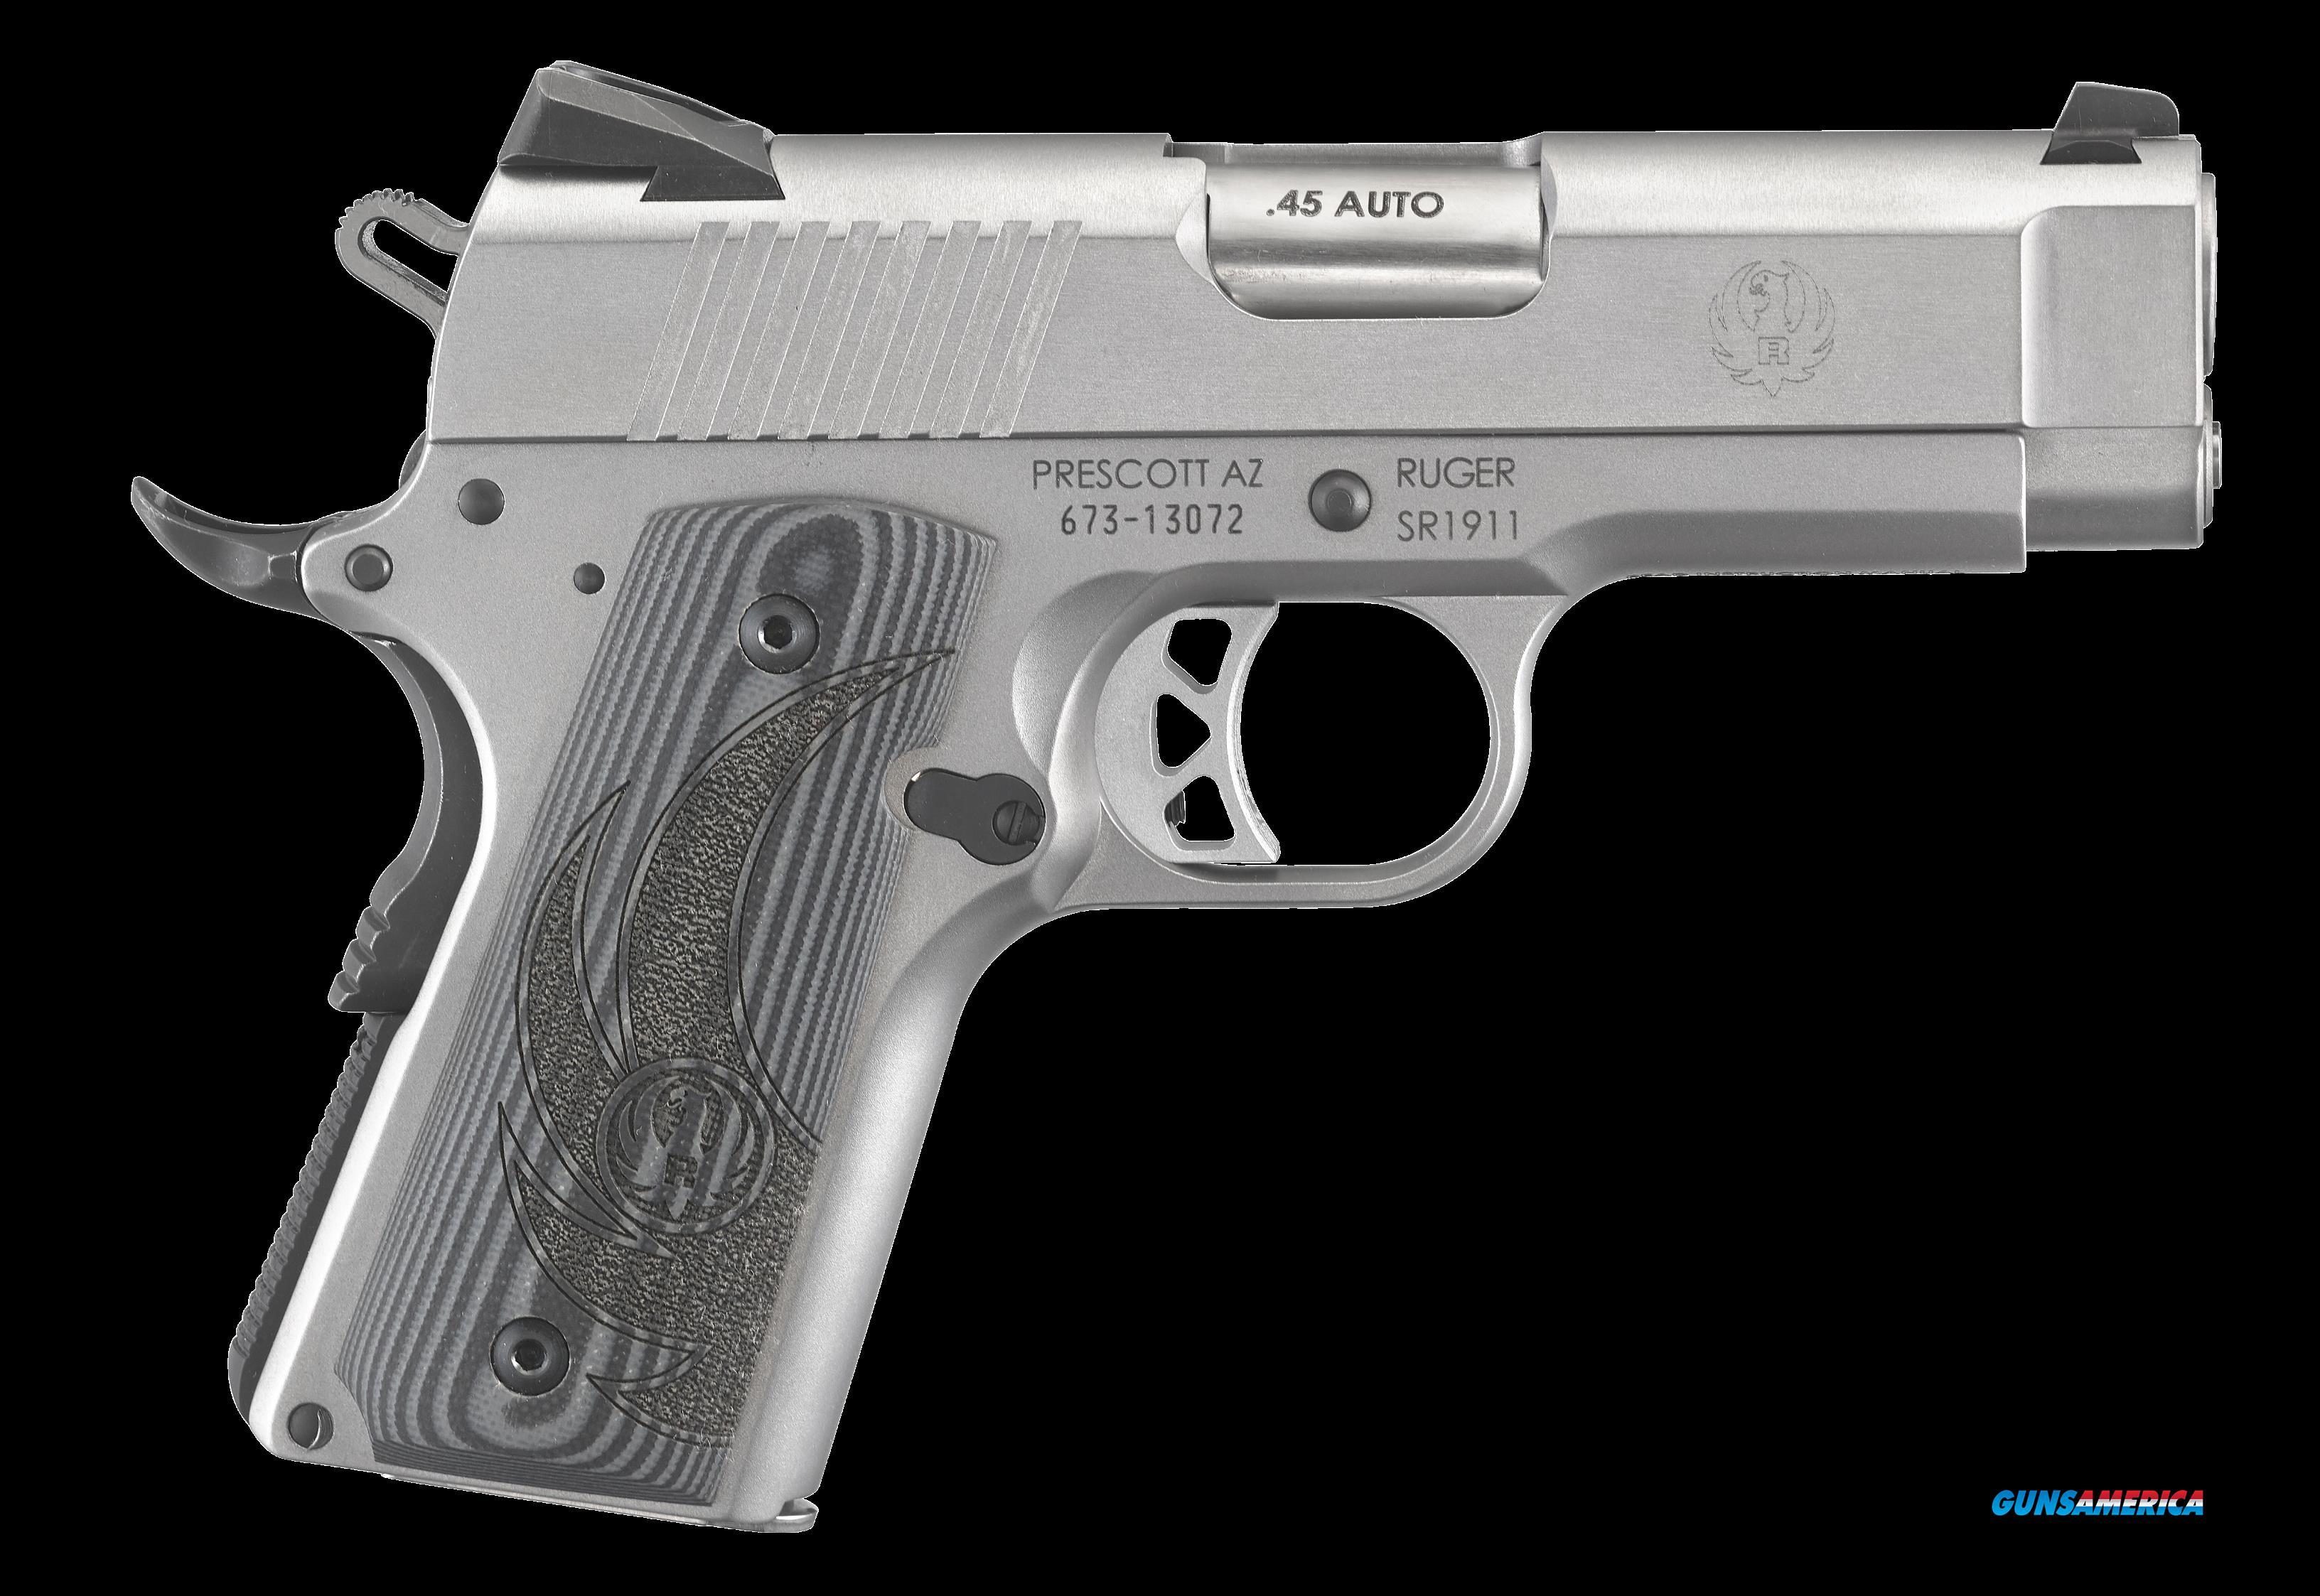 Ruger Sr1911, Rug 6762  Sr1911    45  3.6 3d      Ss         7r  Guns > Pistols > 1911 Pistol Copies (non-Colt)